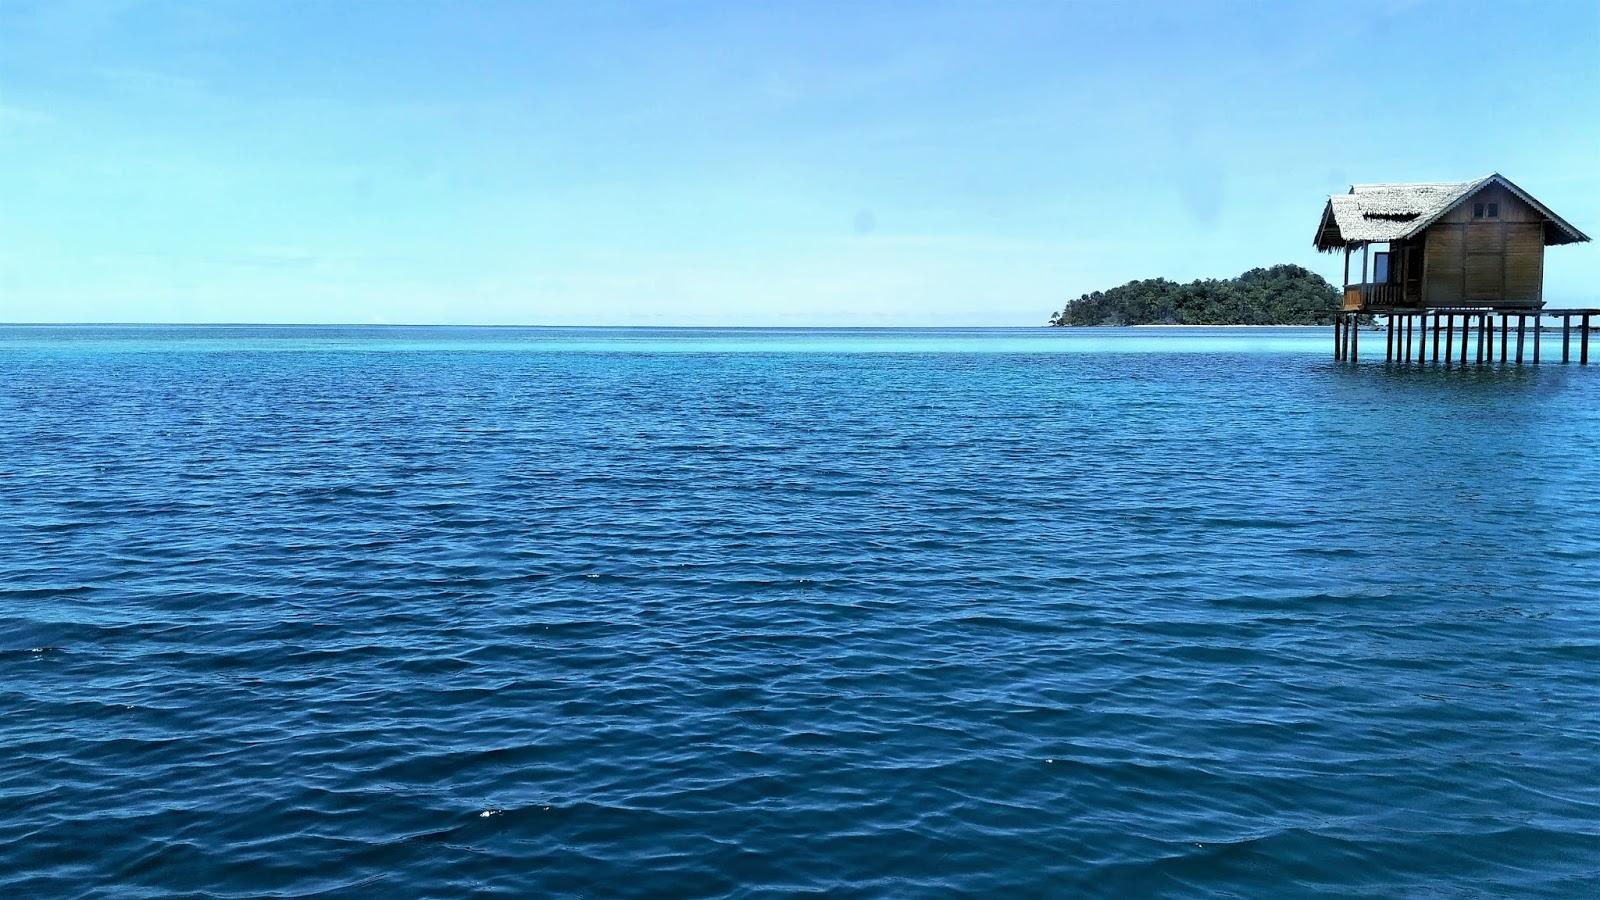 Cerita Pulau Saronde Pantai Kab Gorontalo Utara